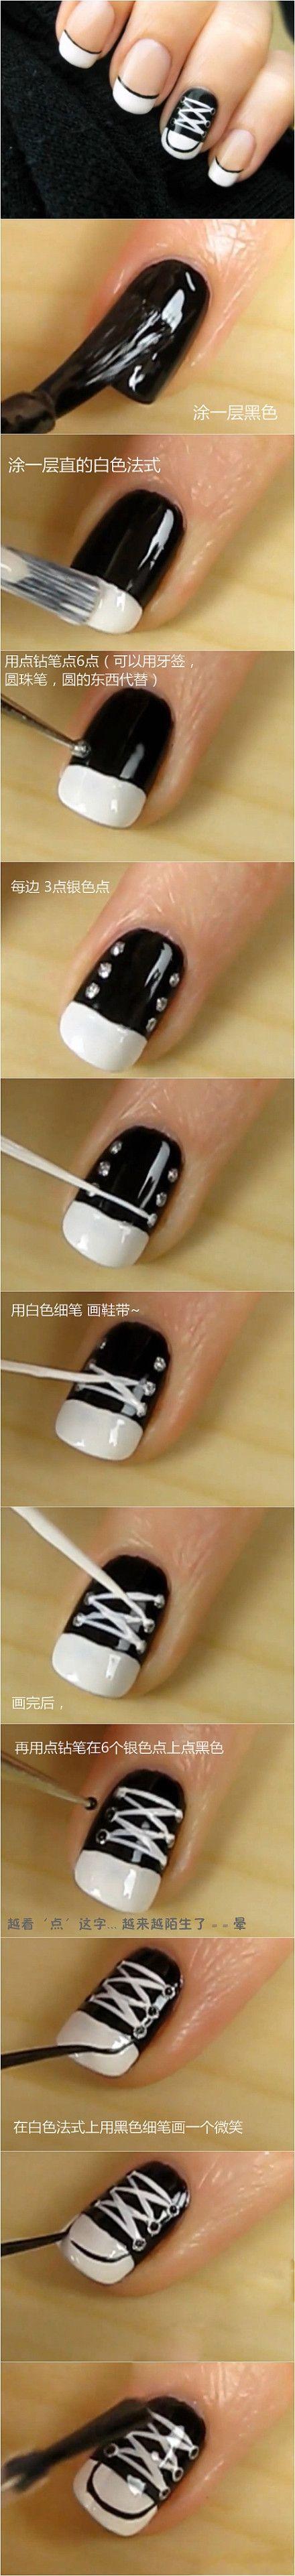 Converse nails...cute!